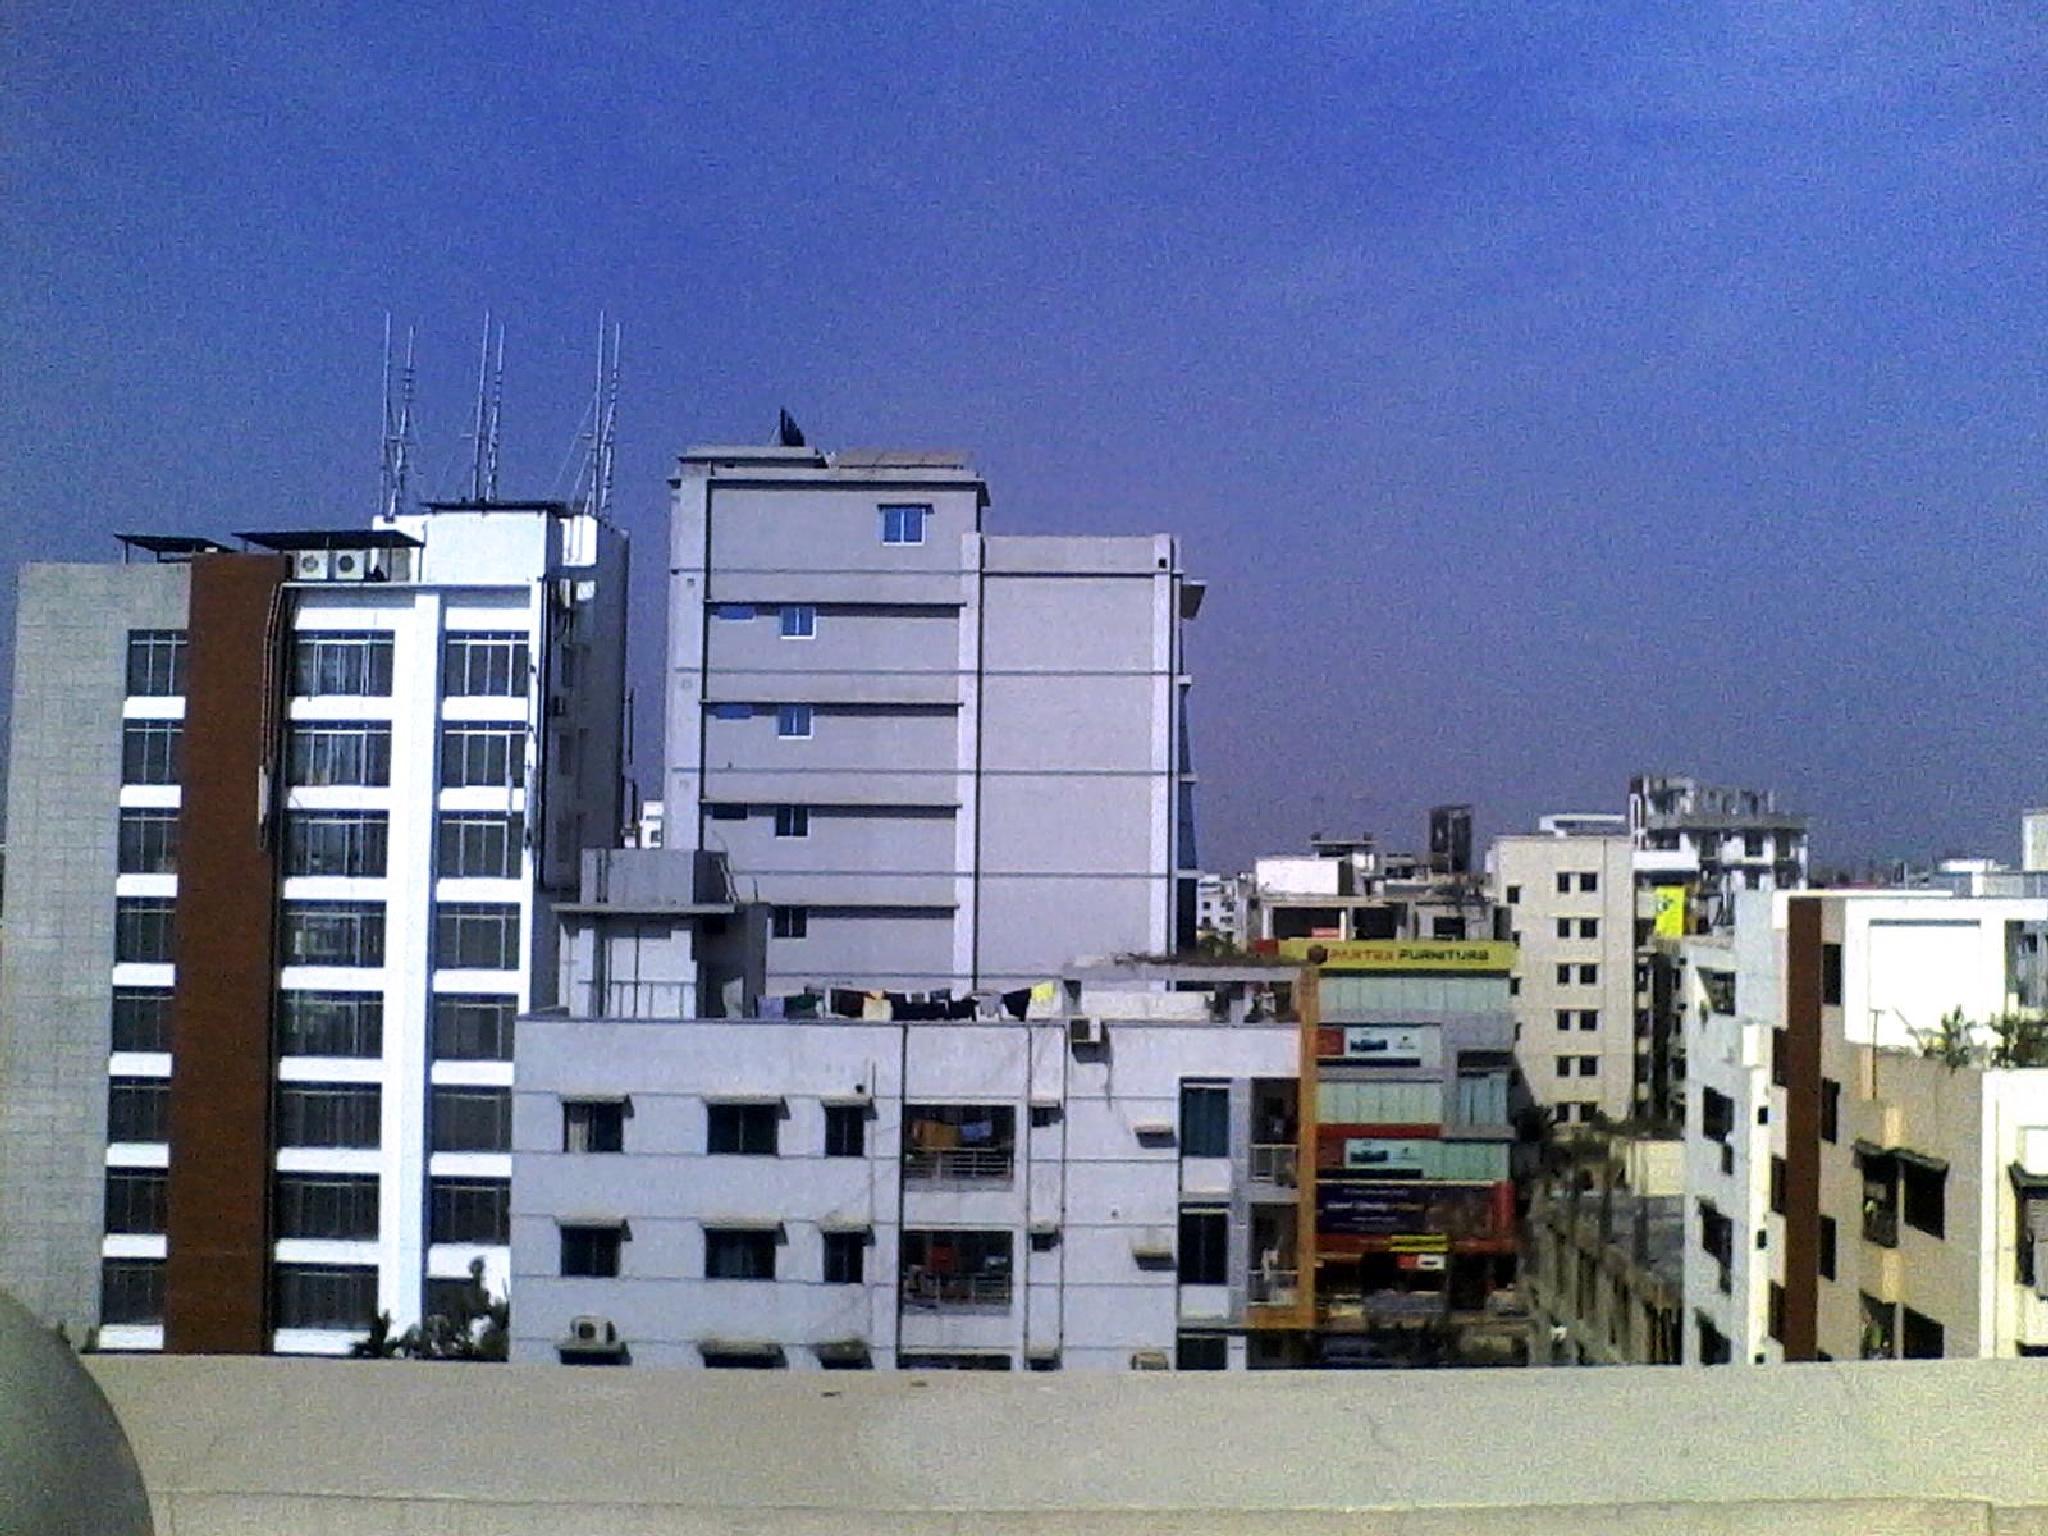 Neighborhood by Tawfiq Chowdhury